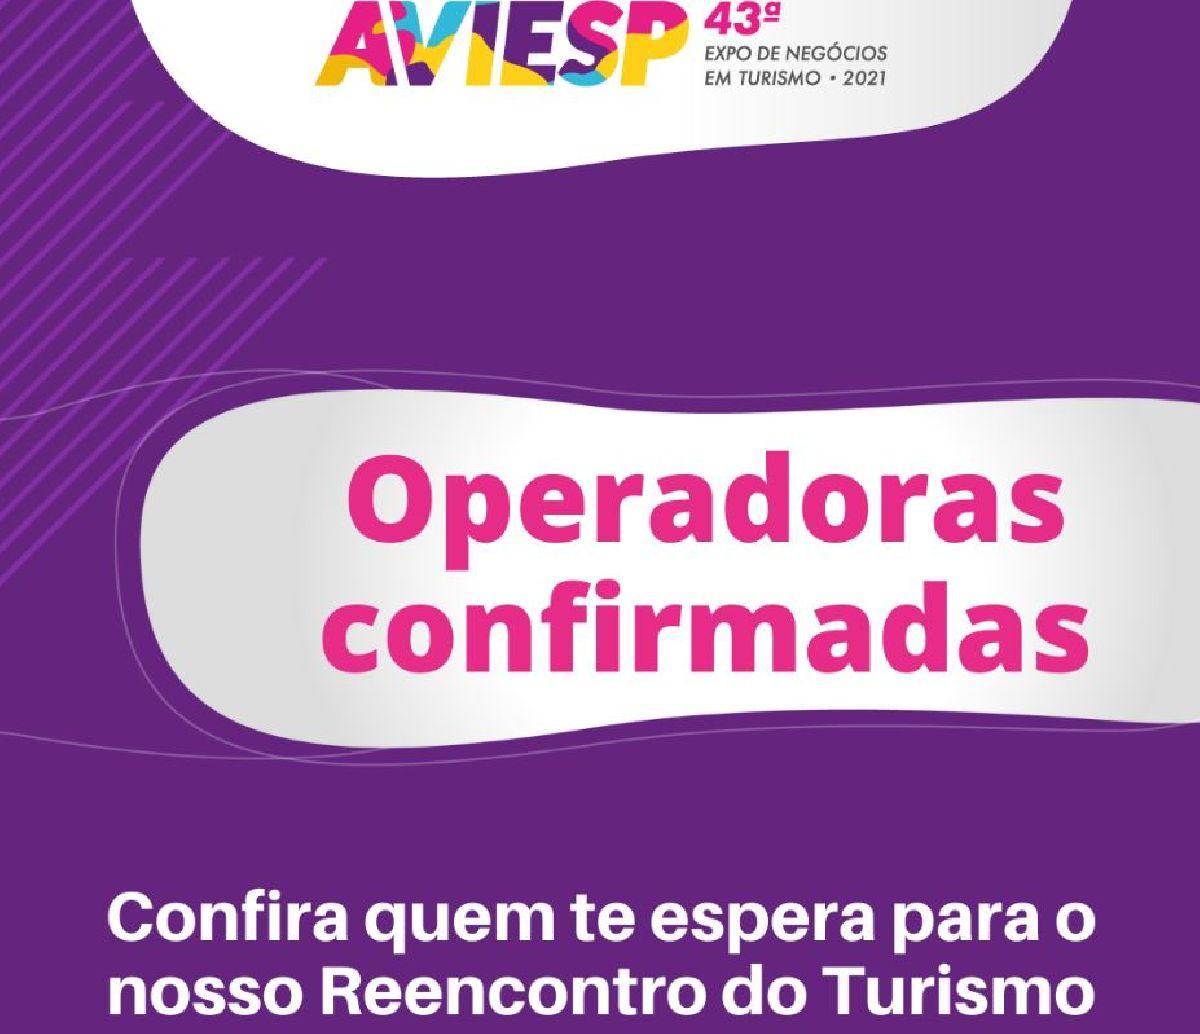 31 OPERADORAS CONFIRMAM PRESENÇA NA 43ª AVIESP EXPO